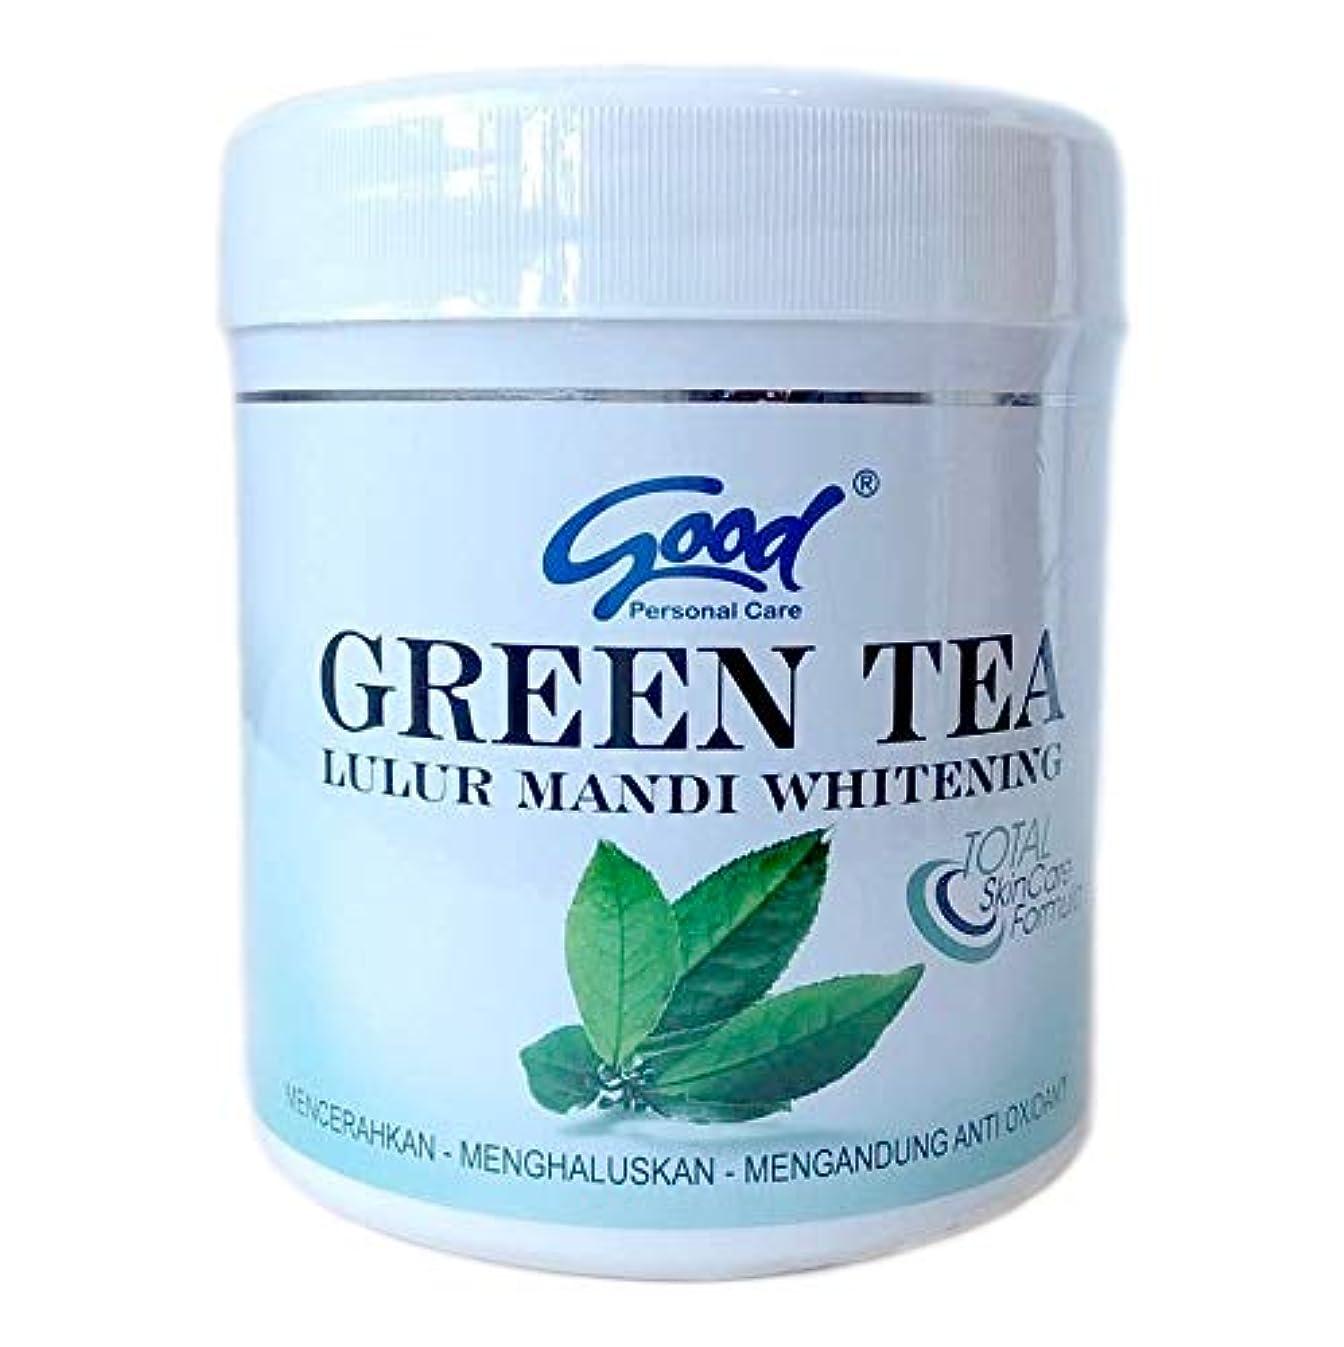 手を差し伸べる予想外溶かすgood グッド Lulur Mandi Whitening ルルール マンディ ホワイトニング GREEN TEA グリーンティー 1kg / マンディルルール ボディピーリング ボディトリートメント [海外直送品]